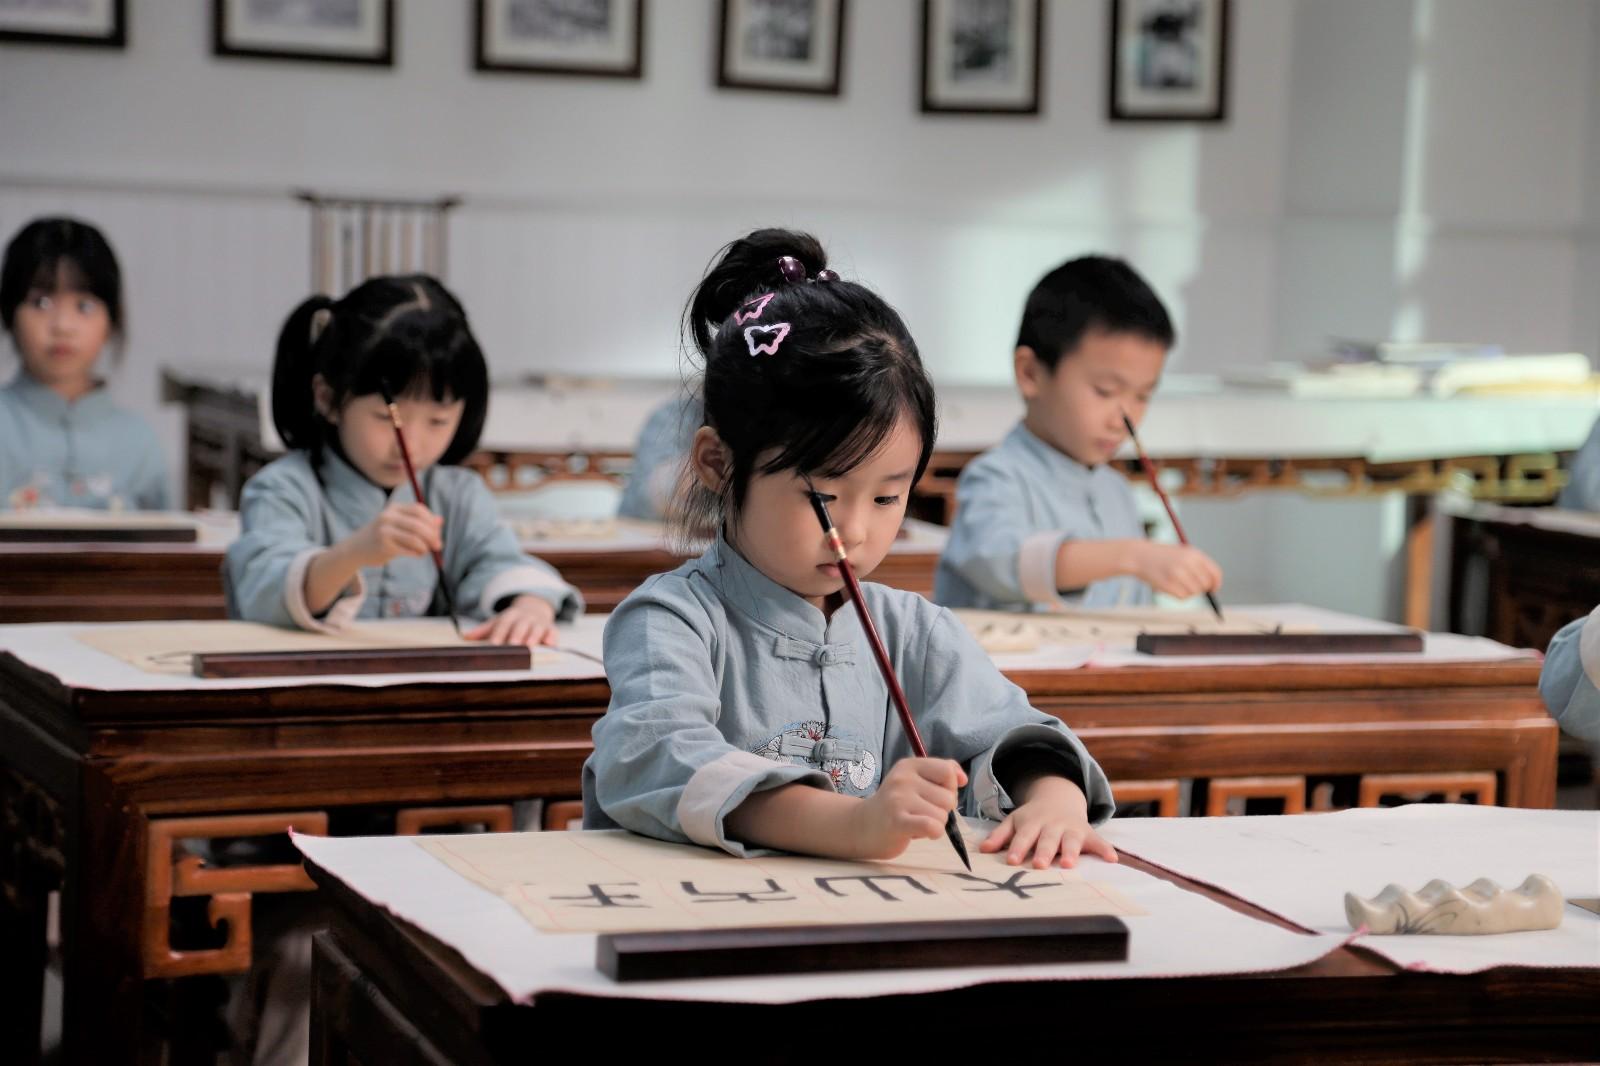 中西双语文化